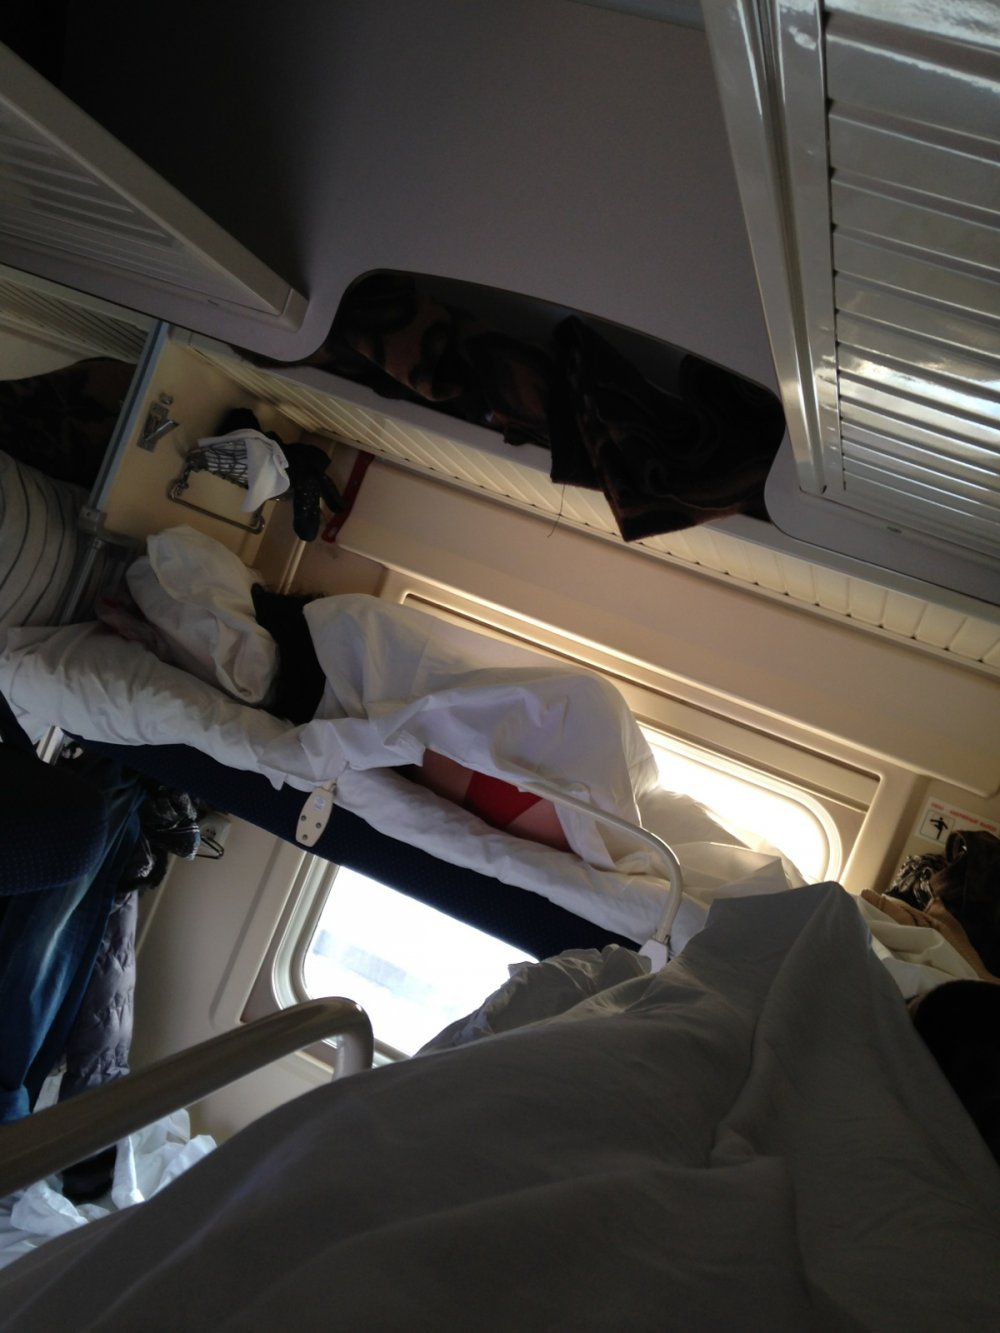 Спящая девушка в поезде фото 14 фотография